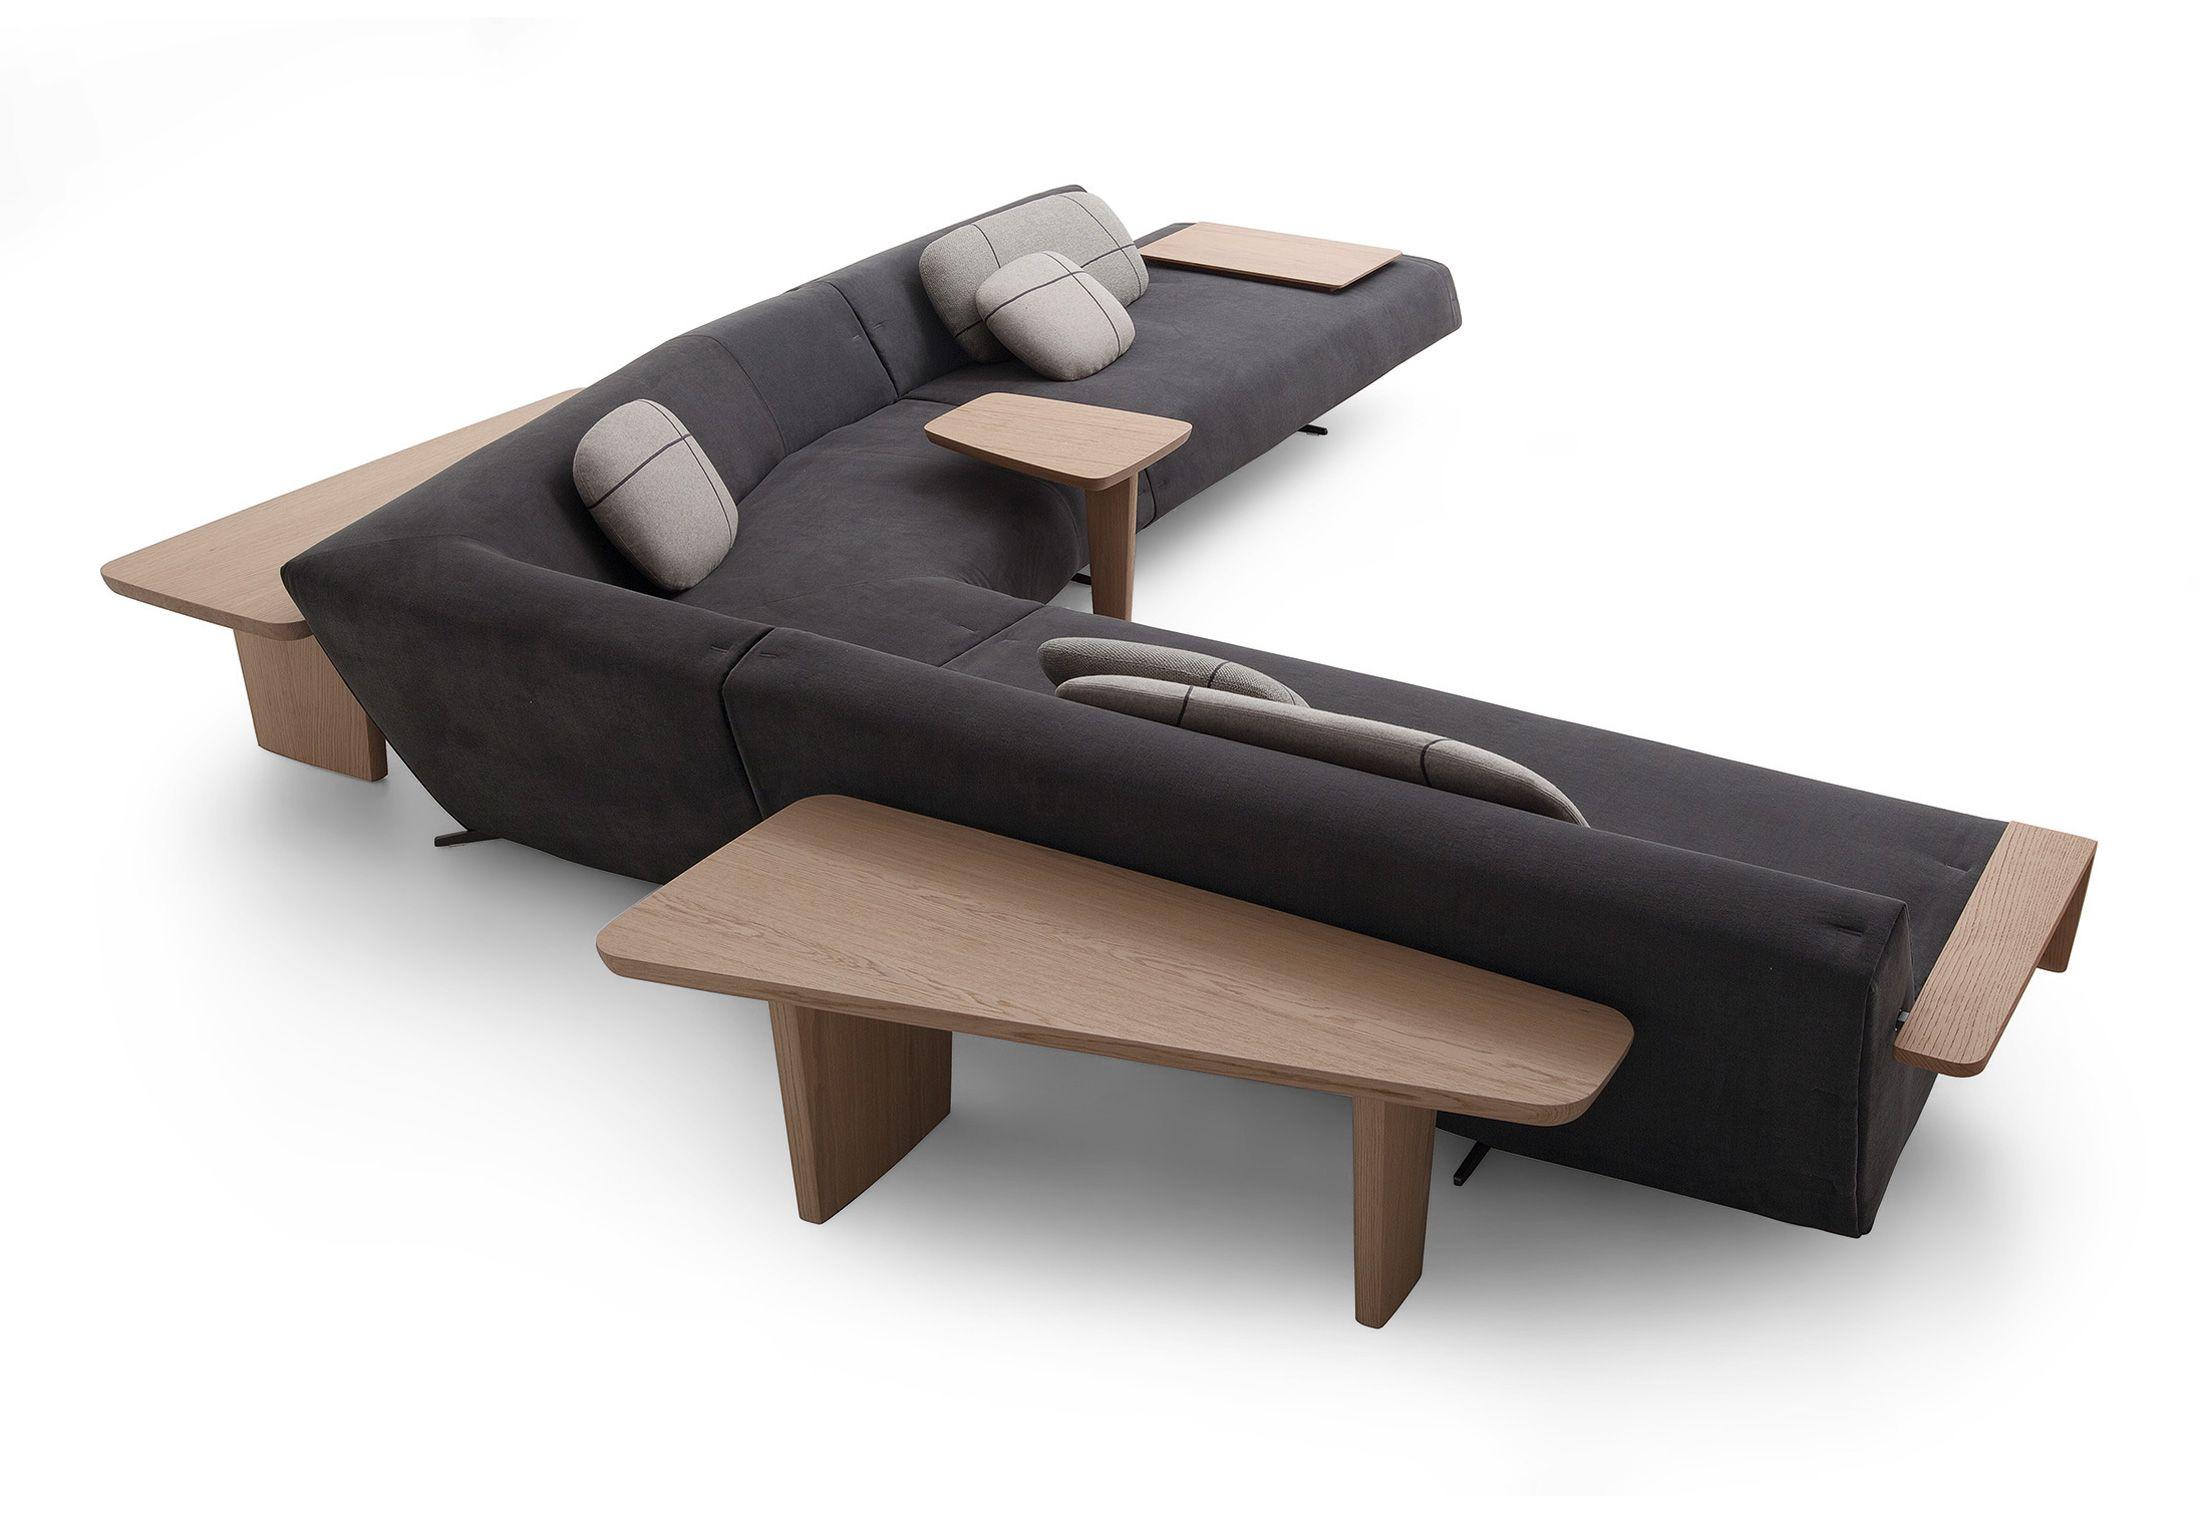 Poliform- Sydney Sofa   Interiors   Pinterest   Sillas, Fornituras y ...